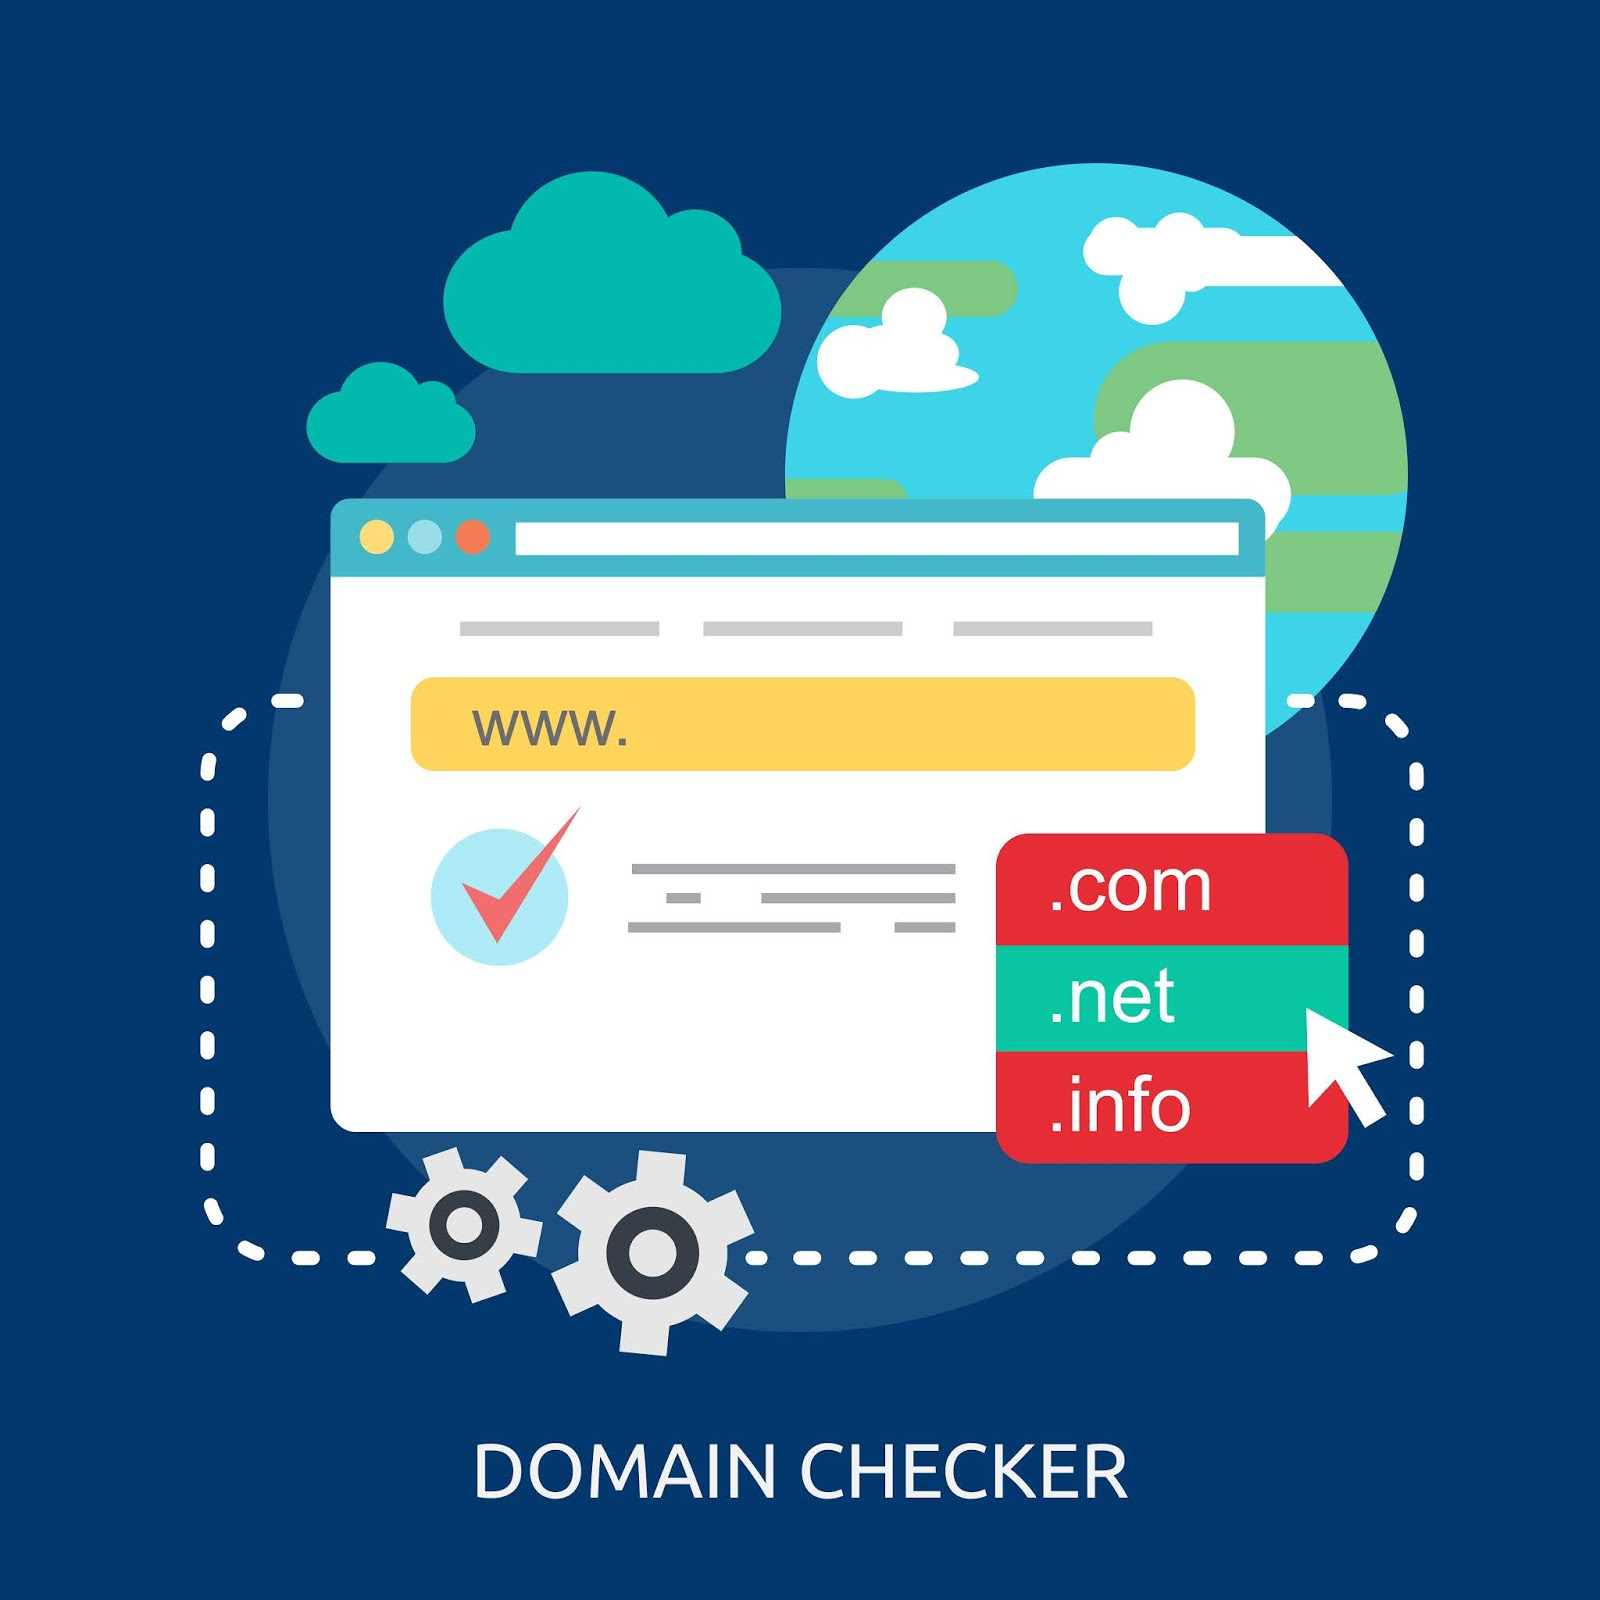 জেনে নিন জনপ্রিয় কিছু (TLD) টপ লেভেল ডোমেইন সম্পর্কে    .TK, .COM, .NET, .XYZ, anout domain name, tld domain, top domain, popular domain